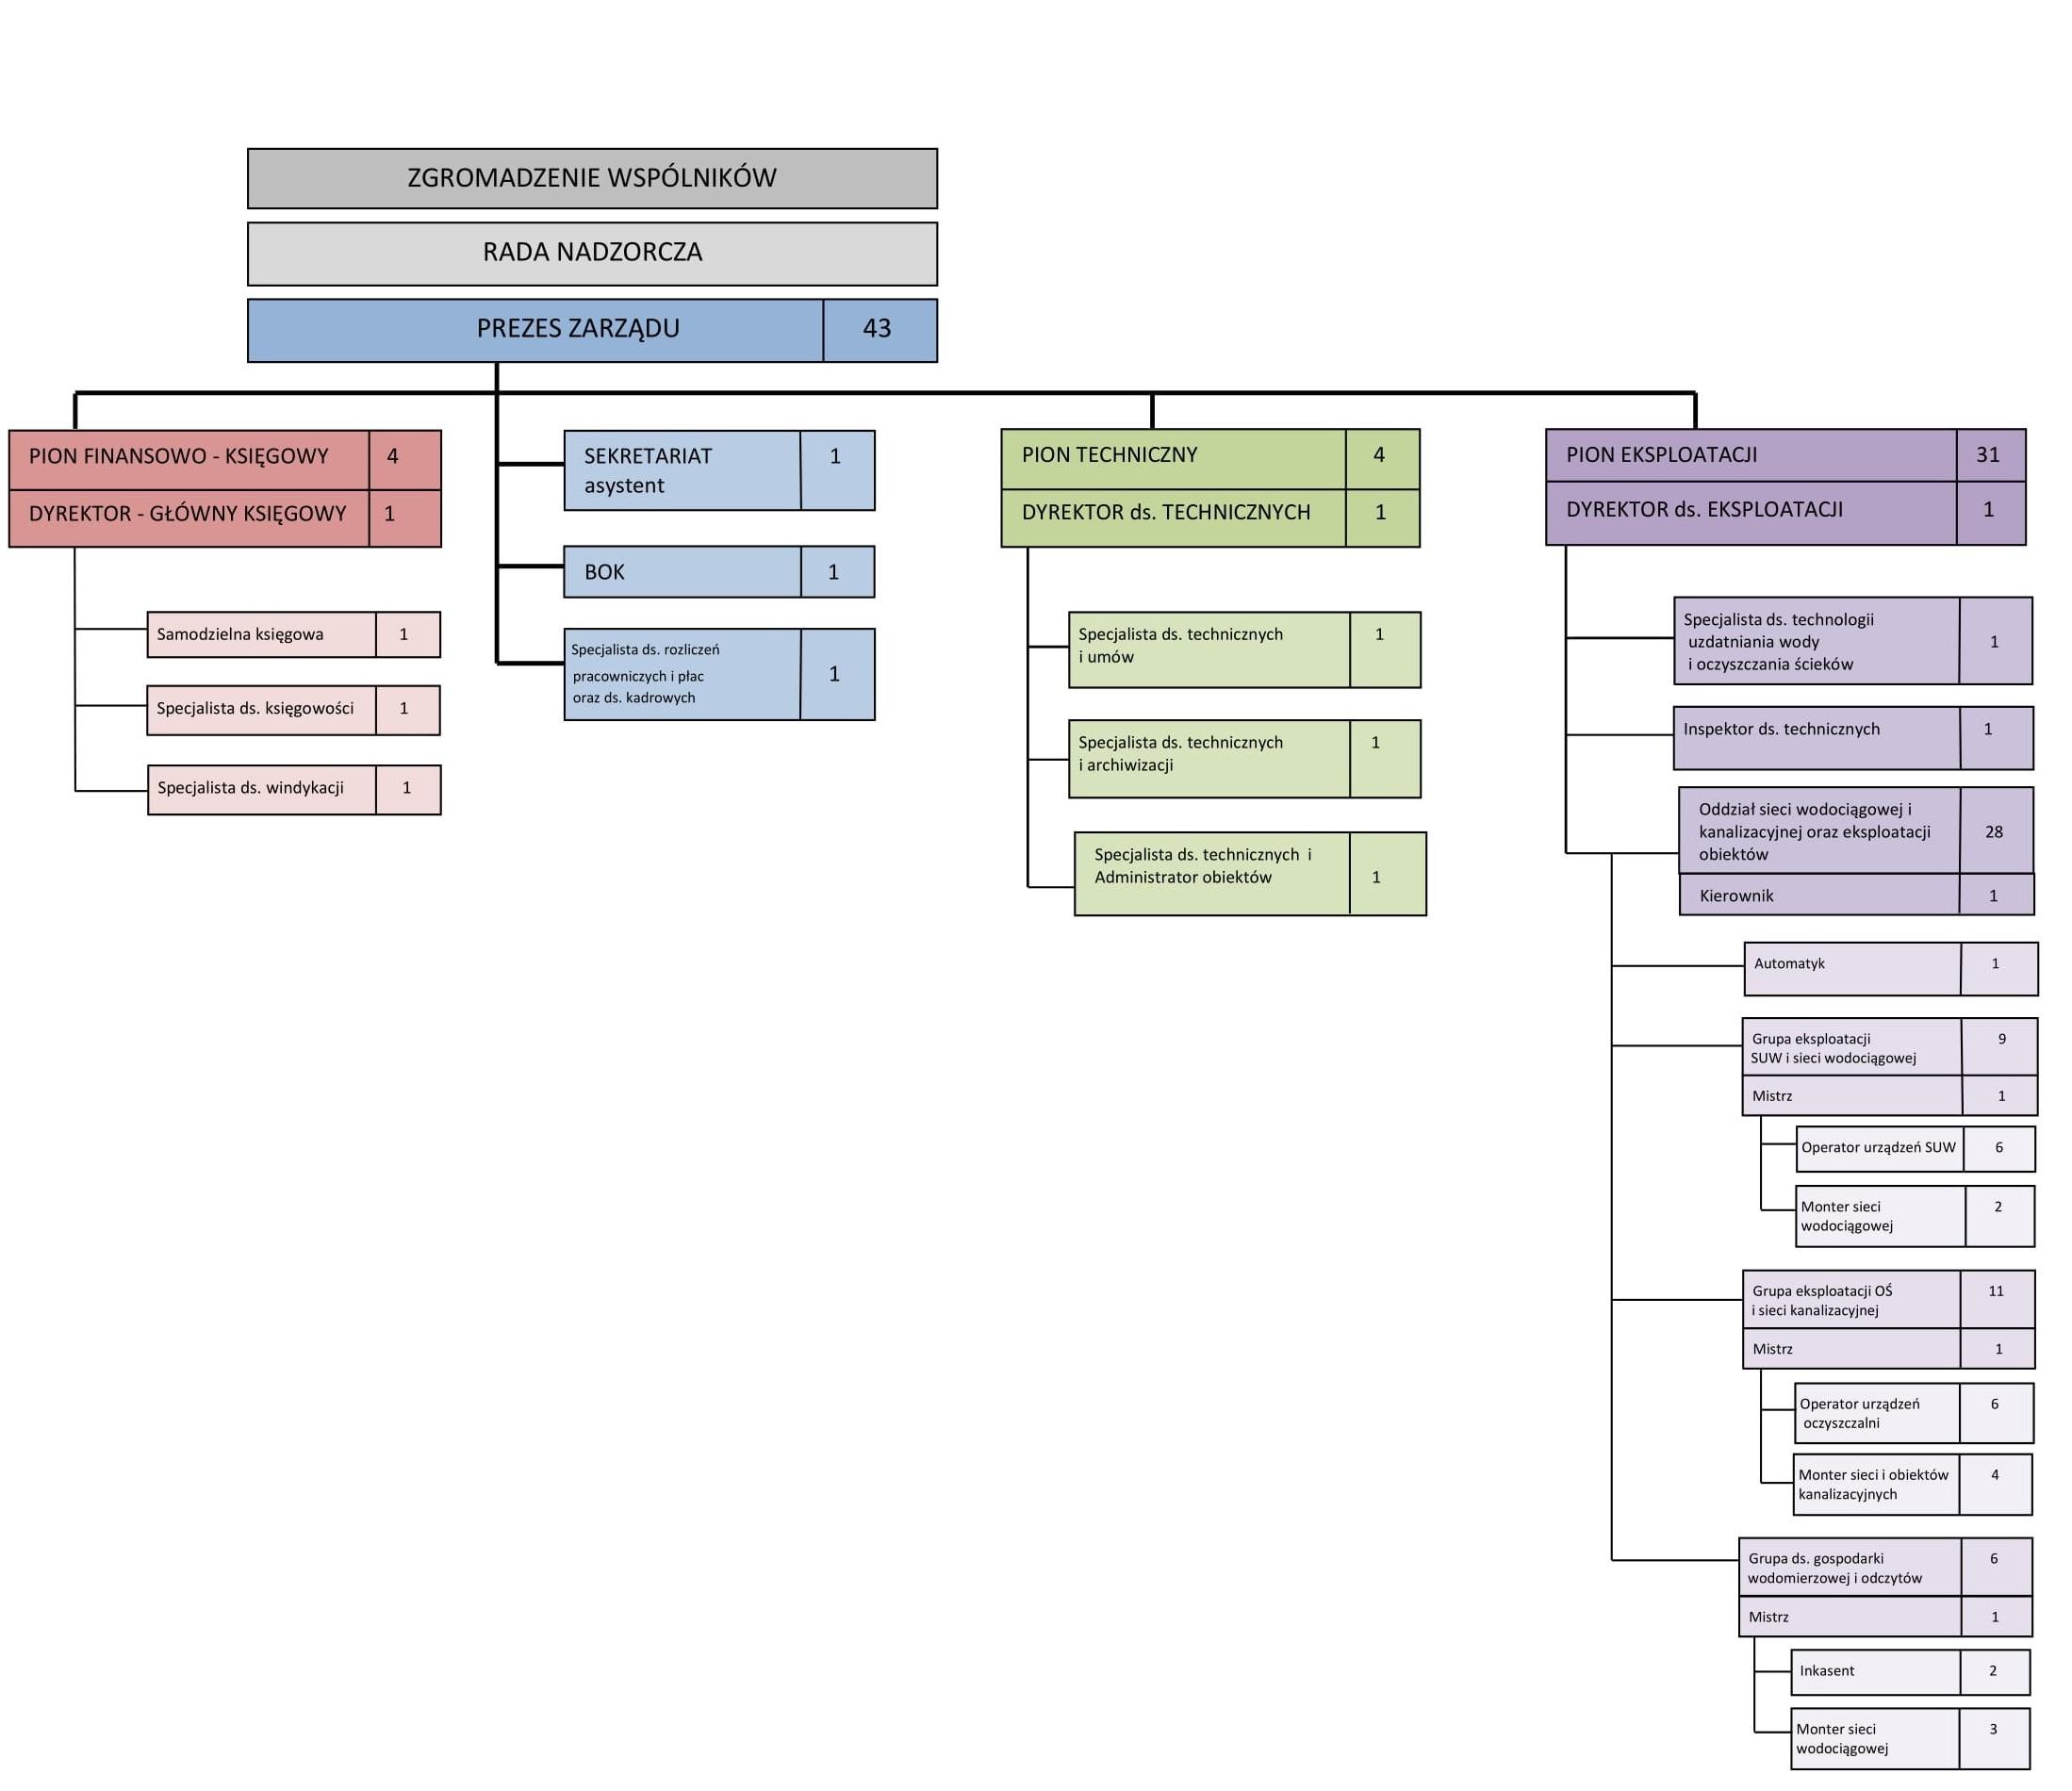 Hydrosfera Józefów - schemat organizacyjny